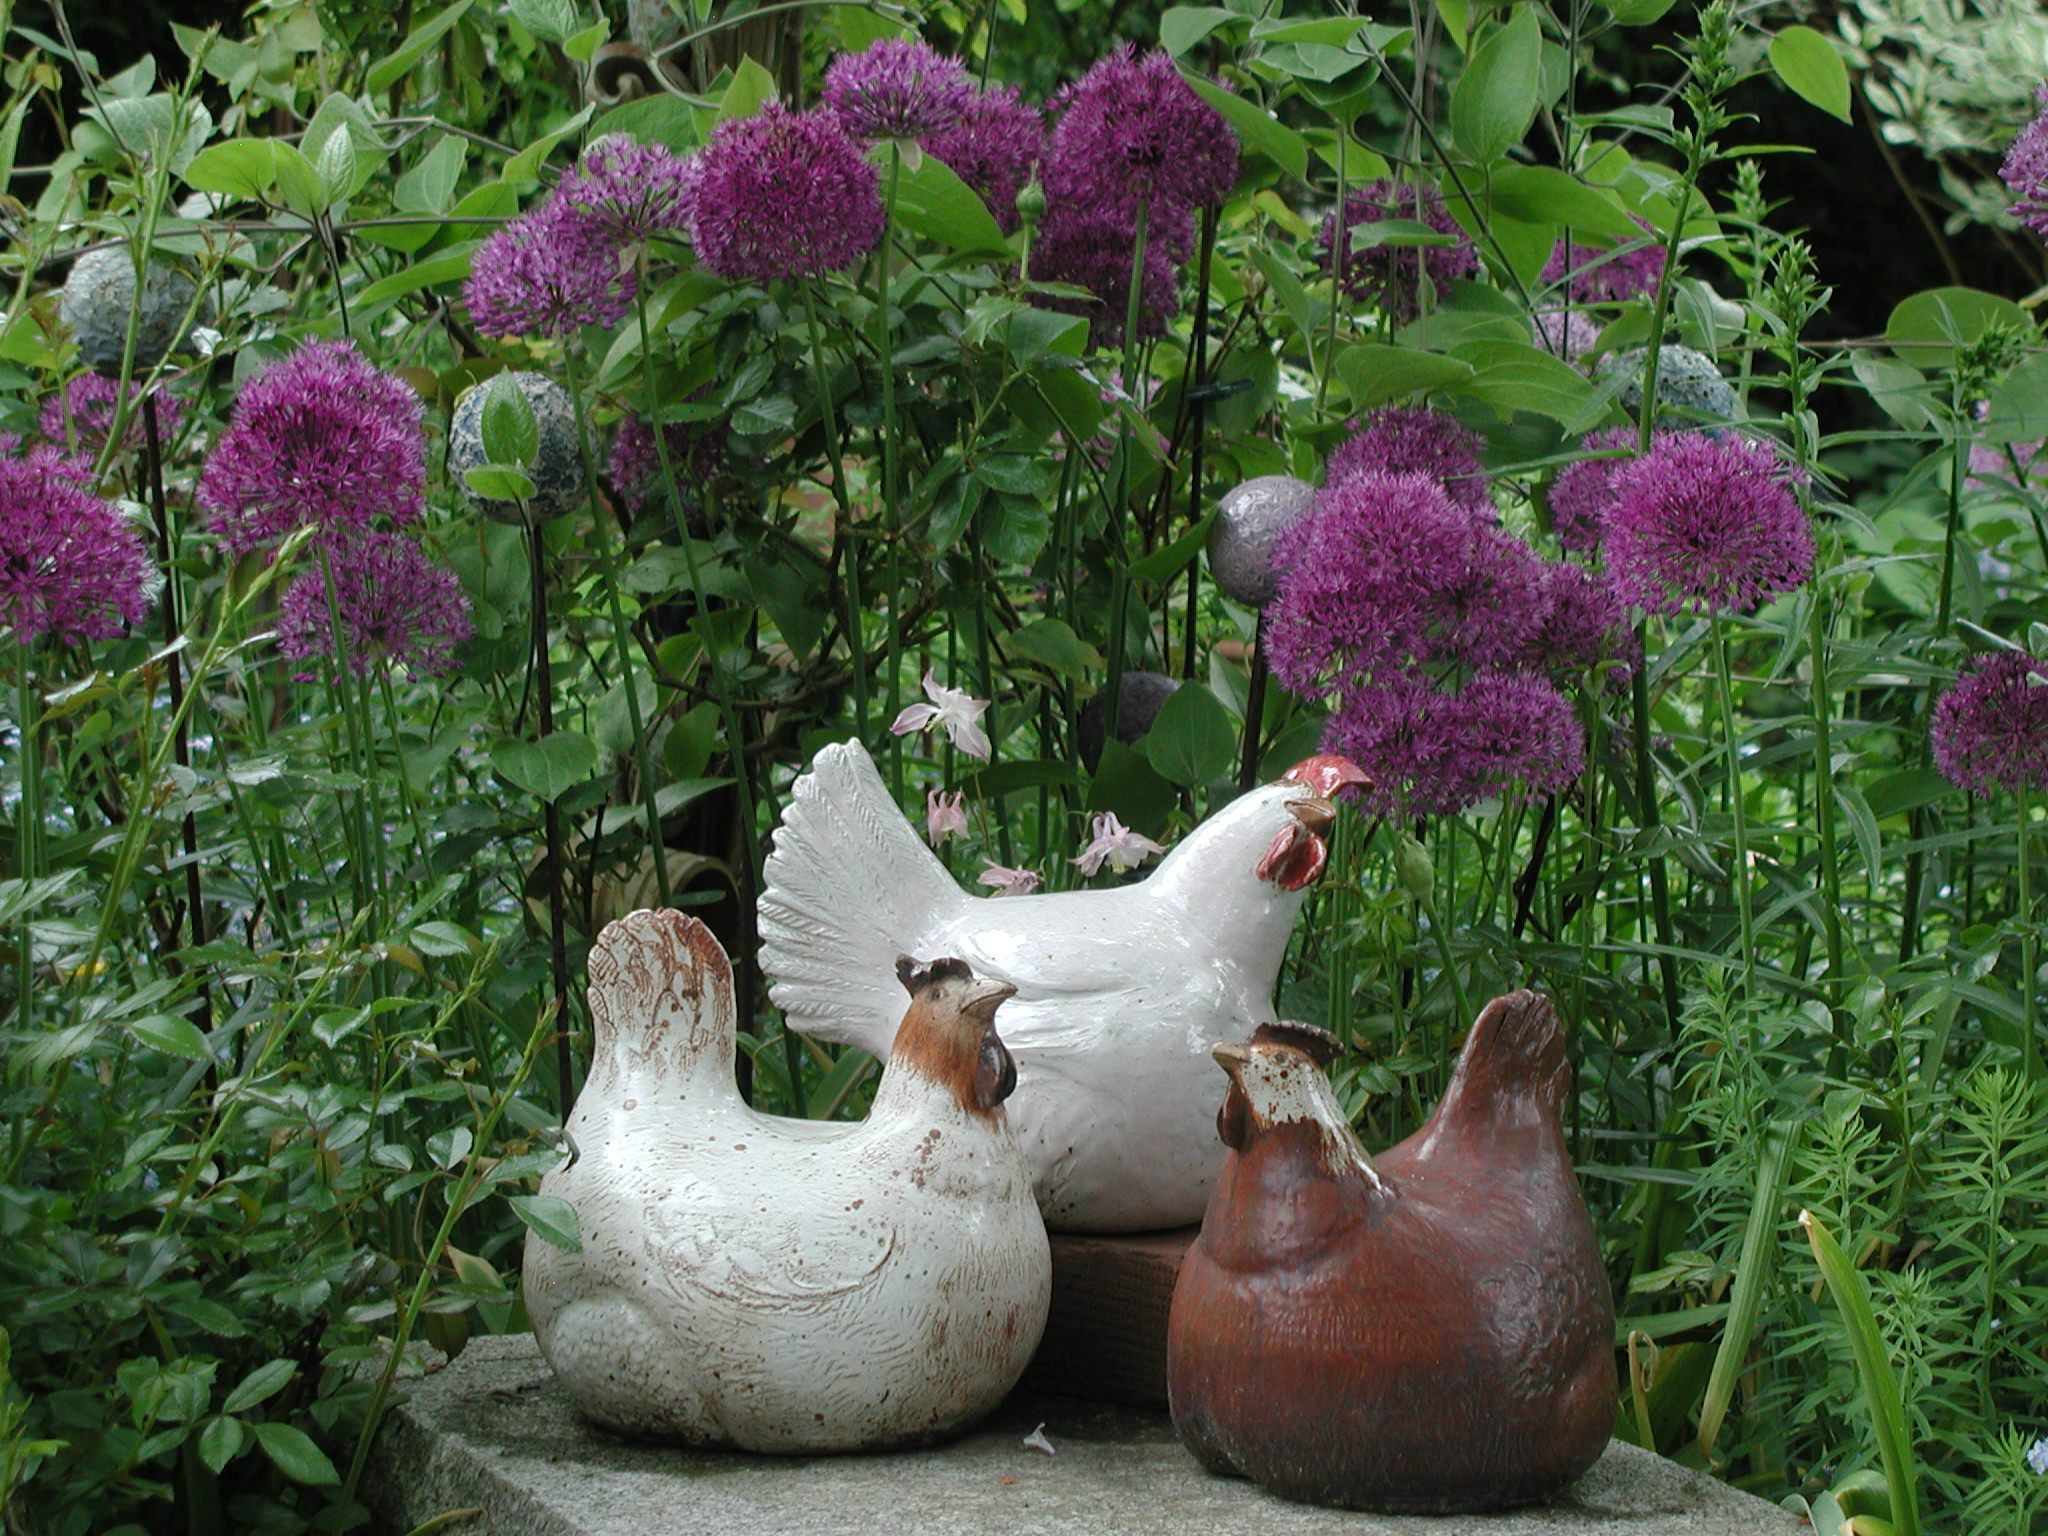 Pin von brigitte peglow auf gartenschmuckst cke aus keramik von brigitte peglow pinterest - Gartenbrunnen keramik ...